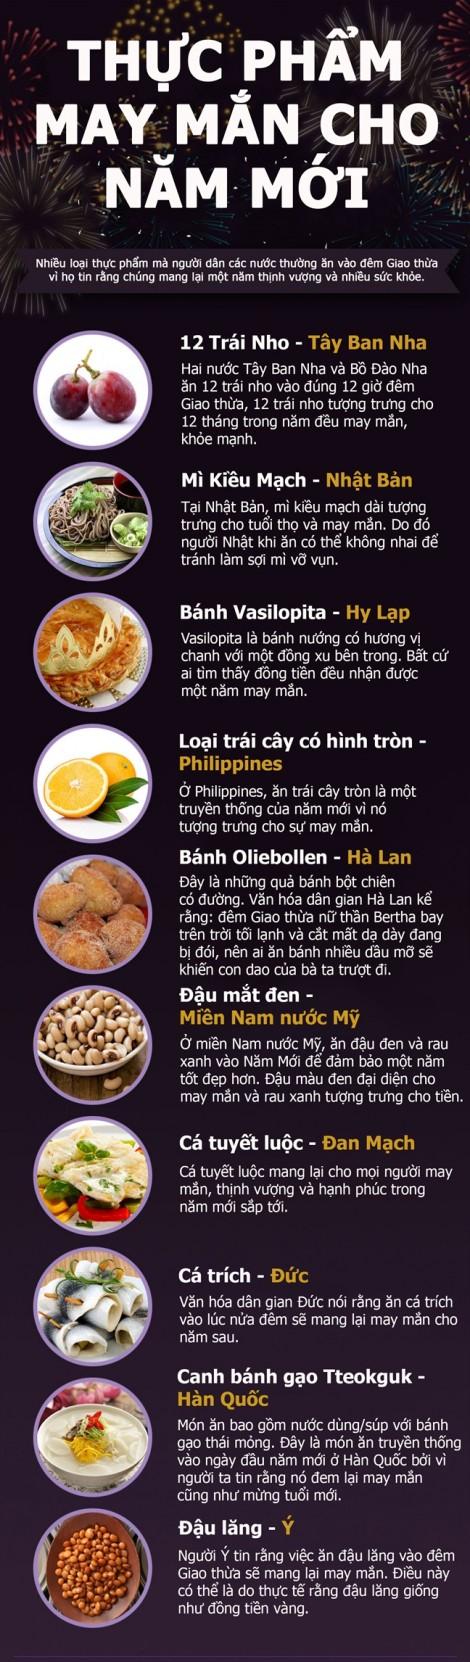 Những món ăn đêm giao thừa đem lại sức khỏe, may mắn ở các nước